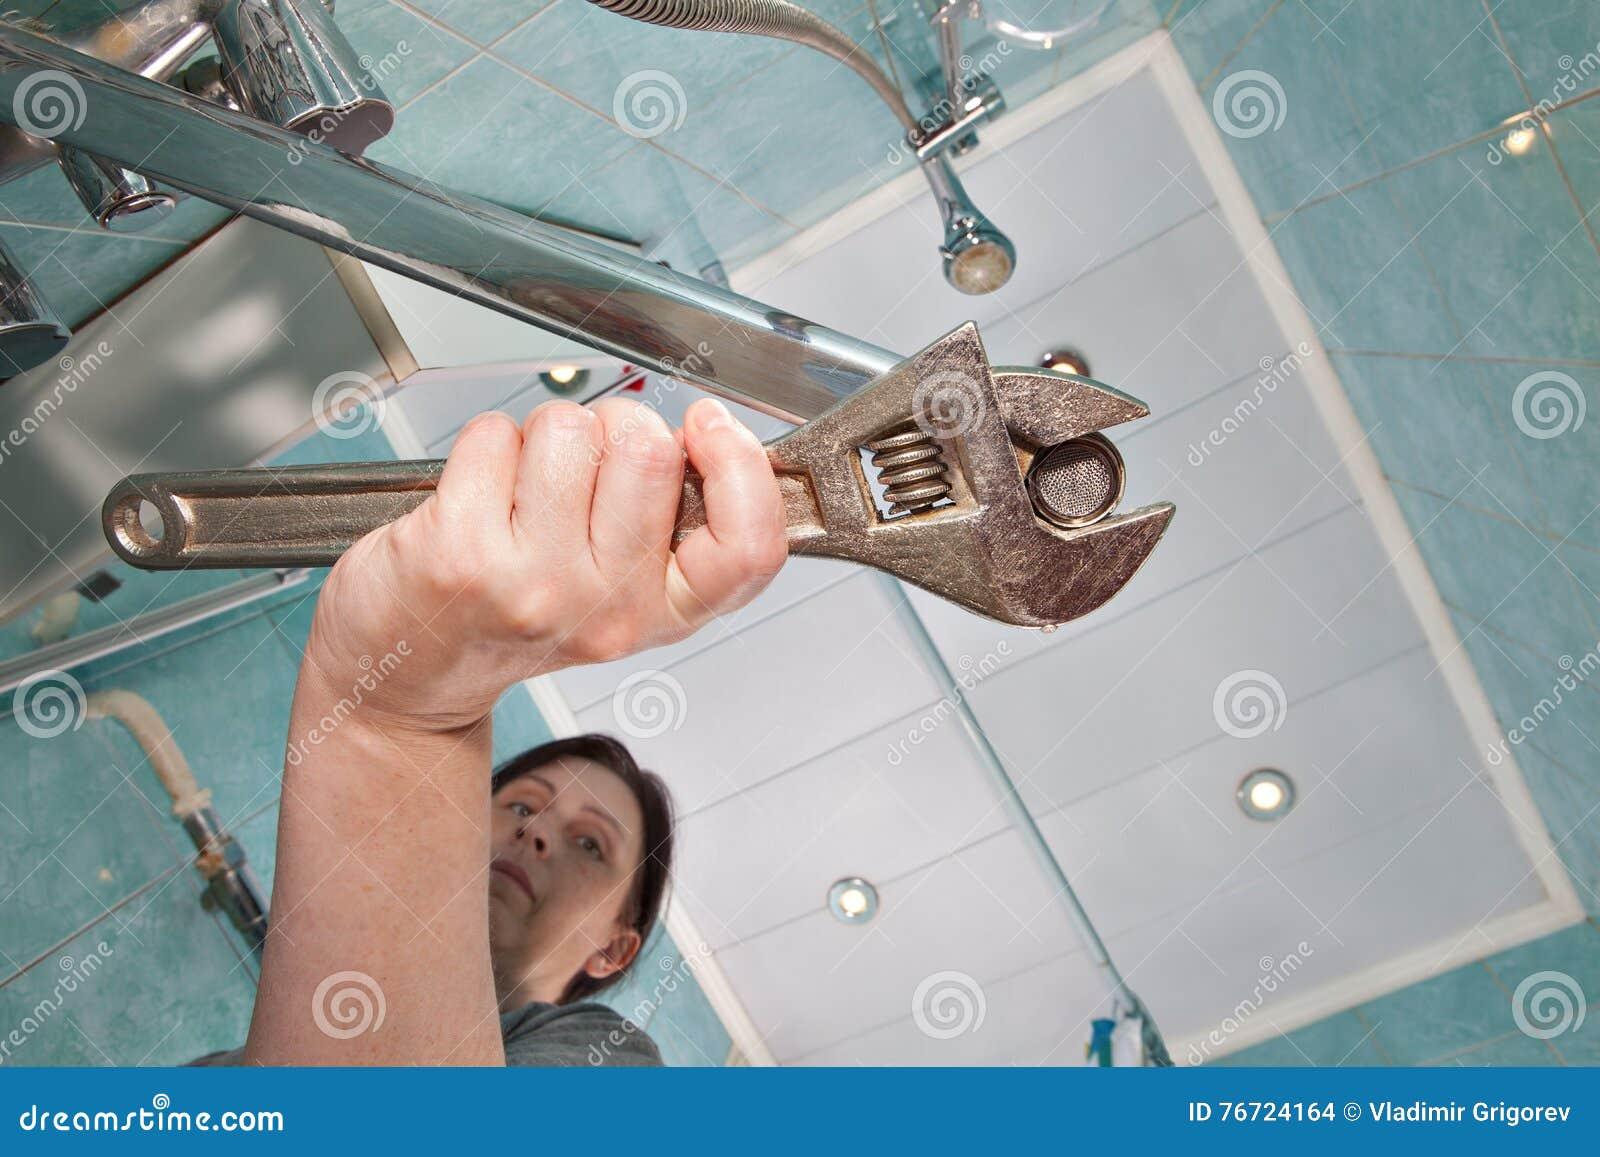 Rubinetto Del Bagno In Inglese : La donna stringe il rubinetto dellaeratore del dado facendo uso